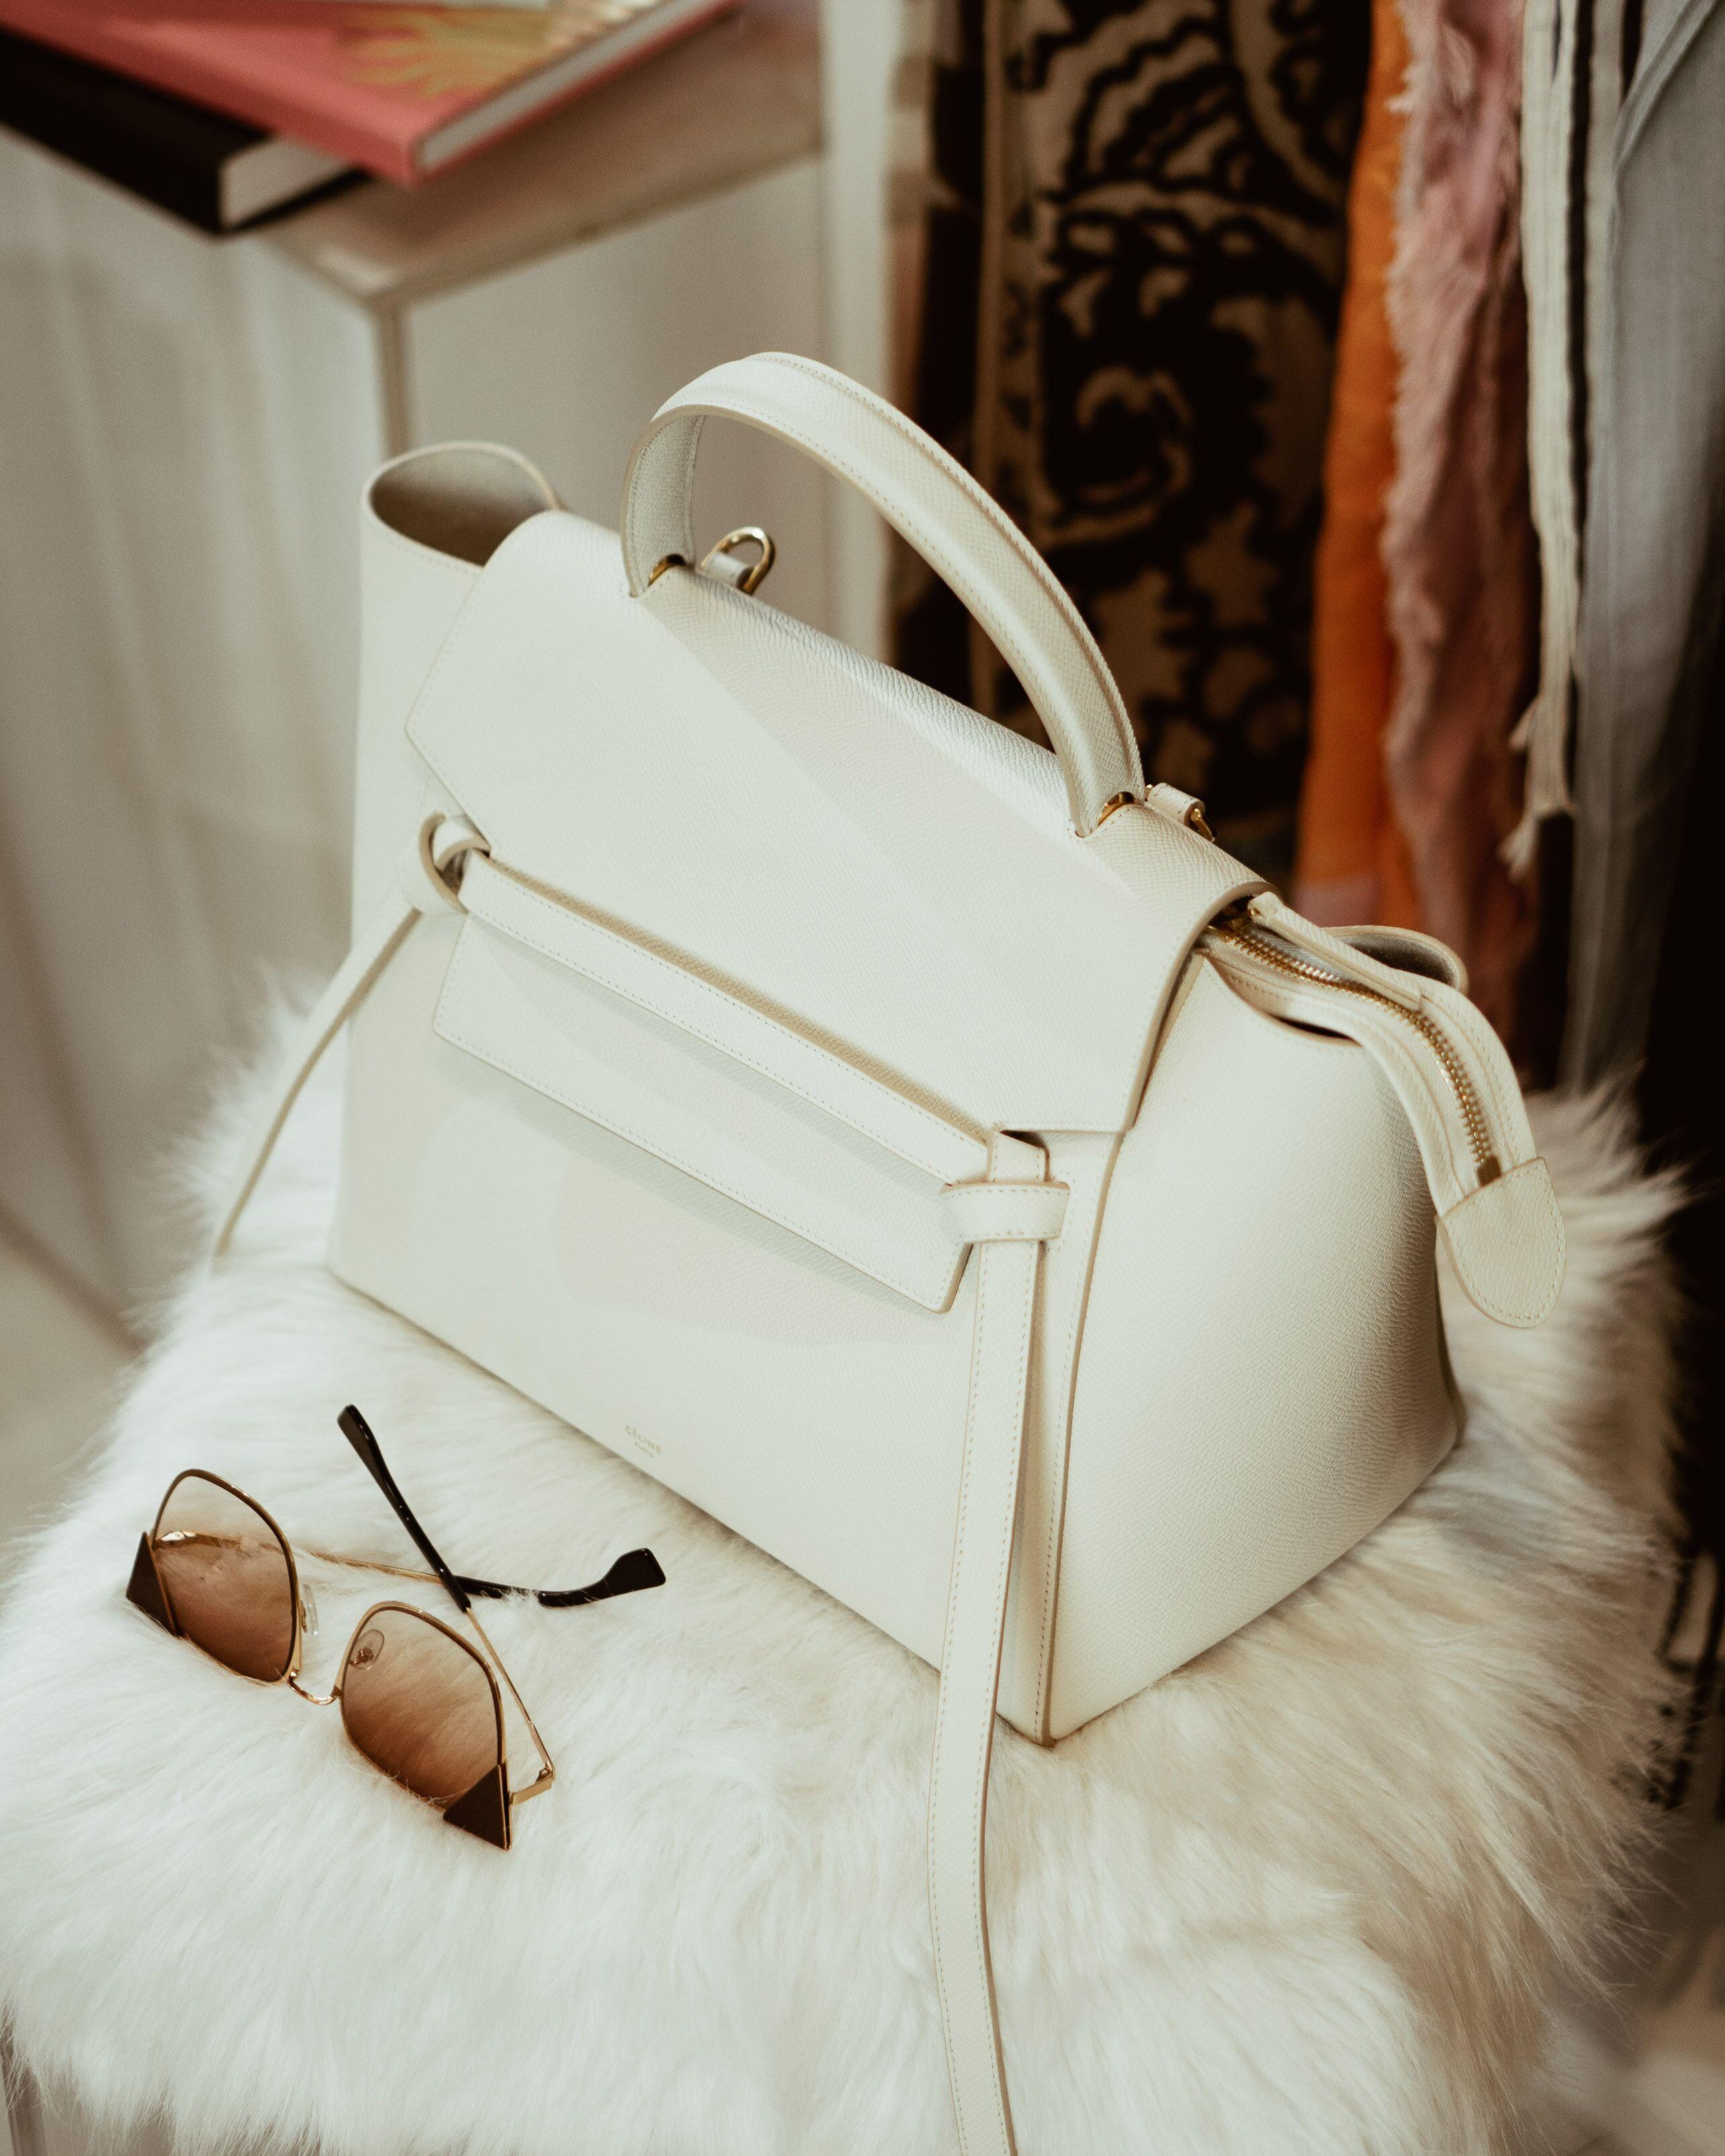 b5e1703a071 Luxury Handbag Consignment Vancouver